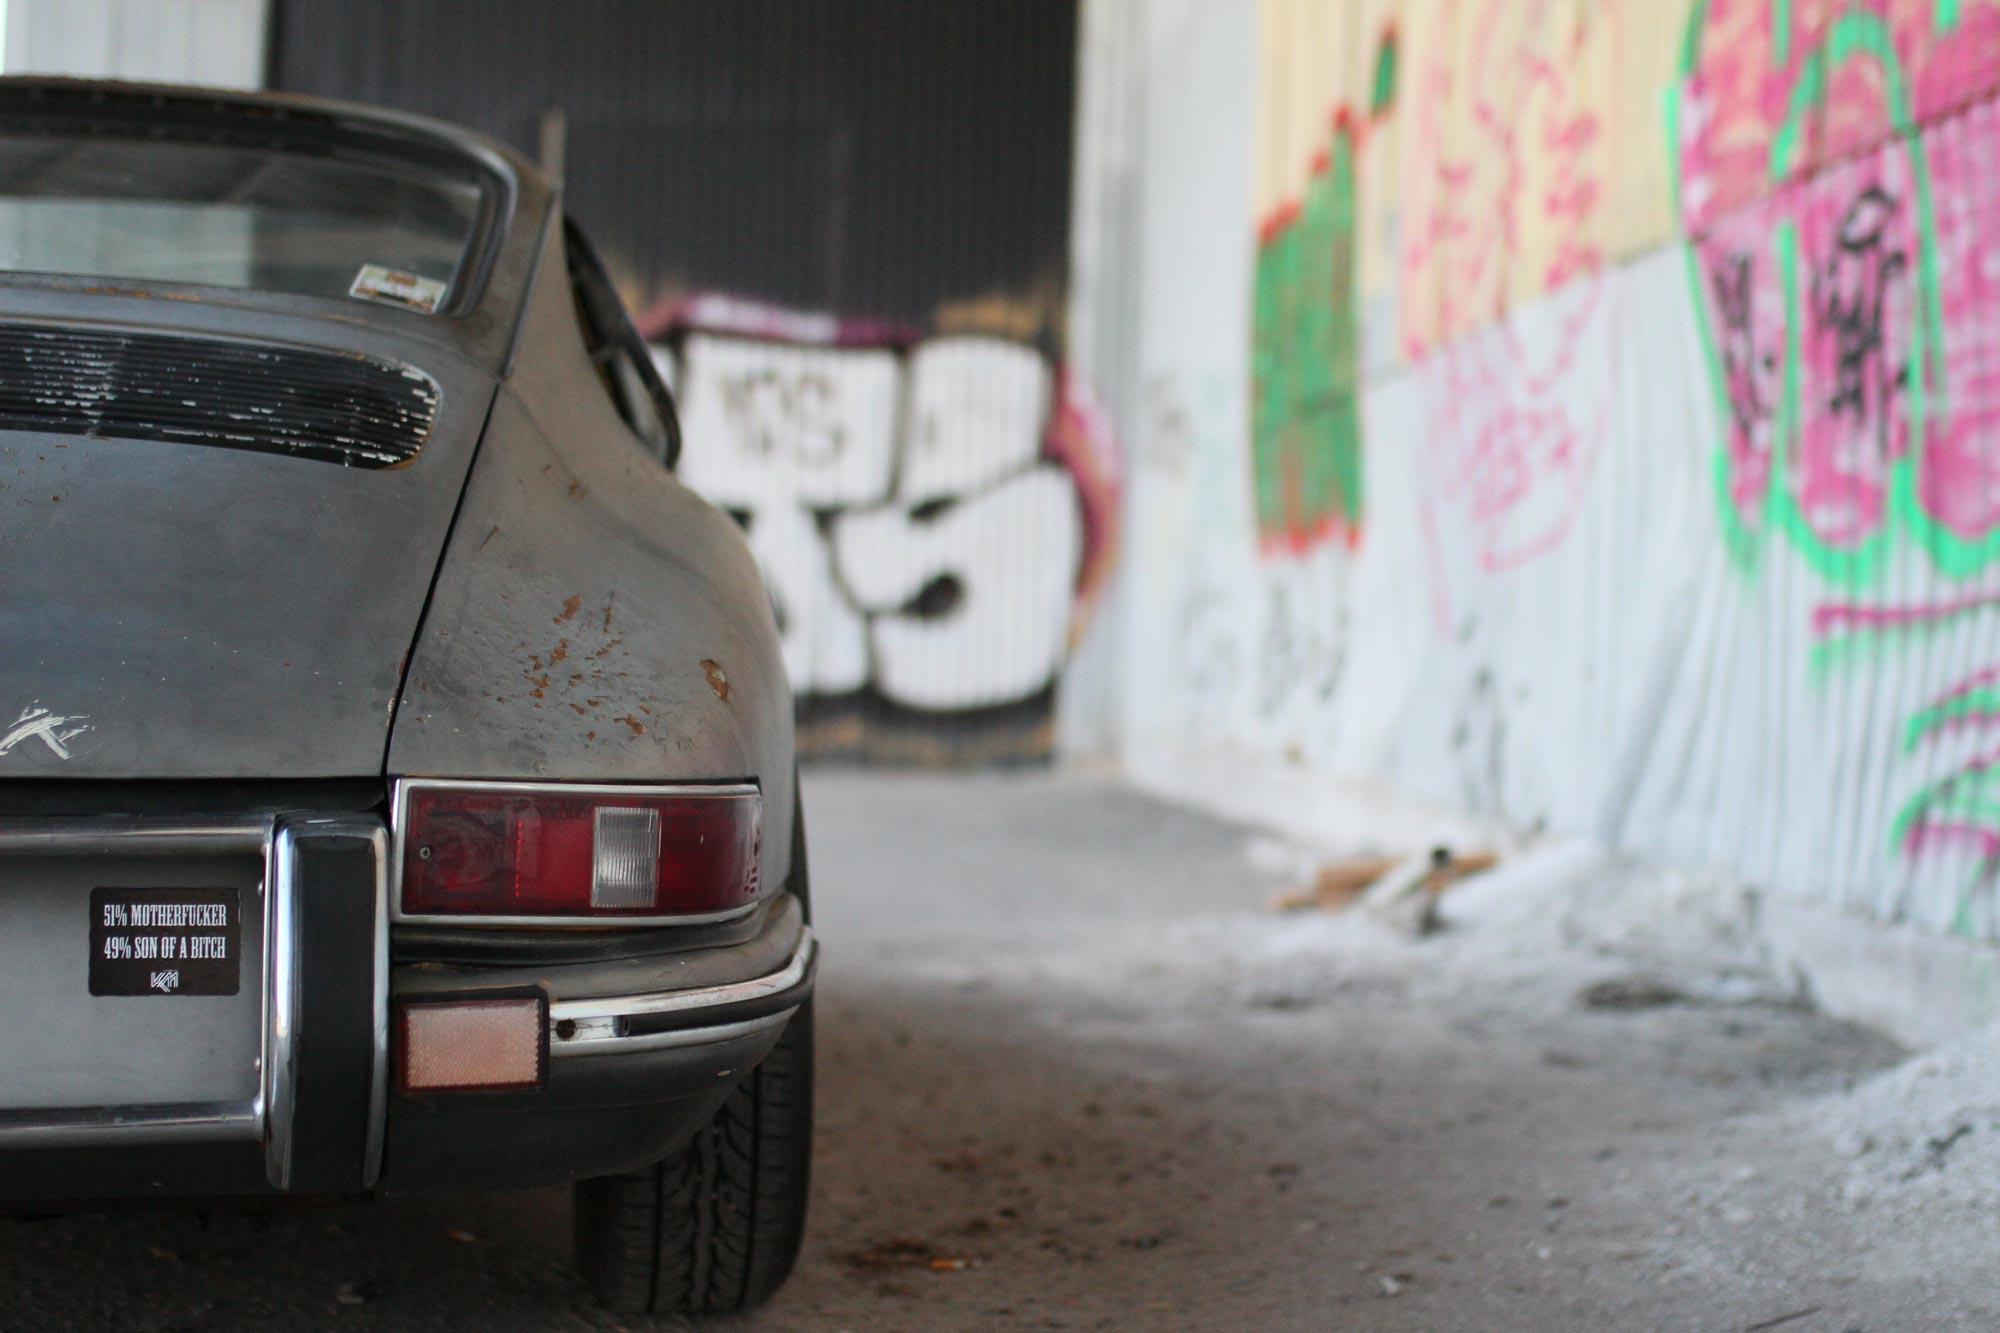 Porsche 912 höger baklampa mes klistermärke - 51% motherfucker - 49% son of a bitch